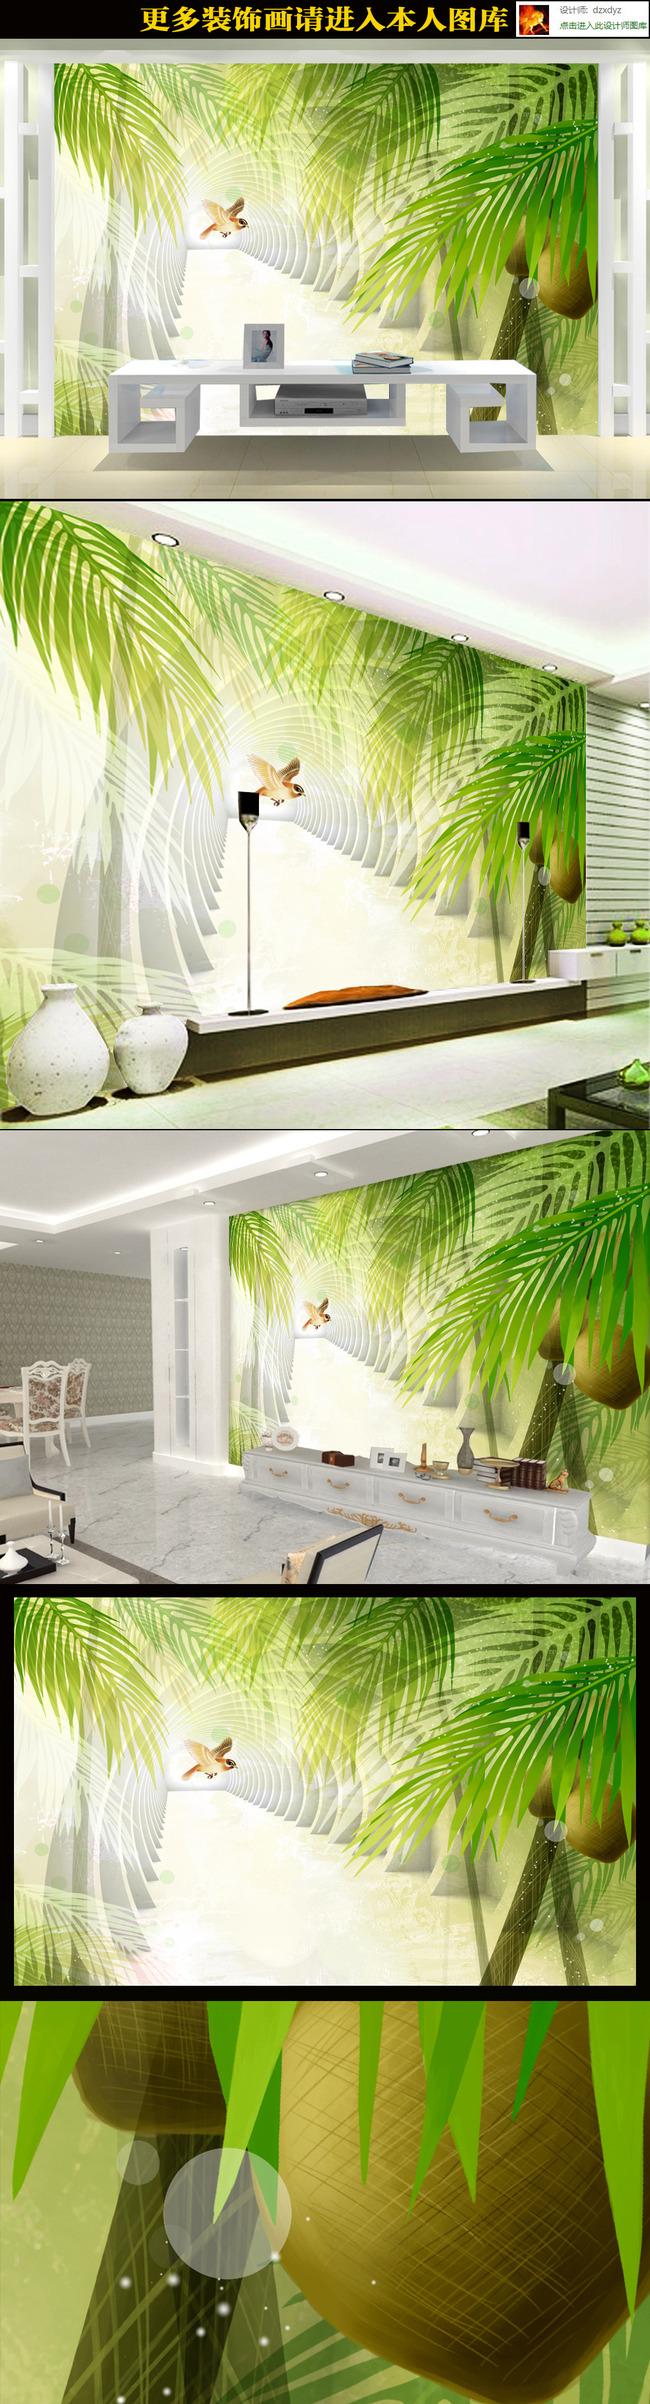 椰子树3d电视背景墙